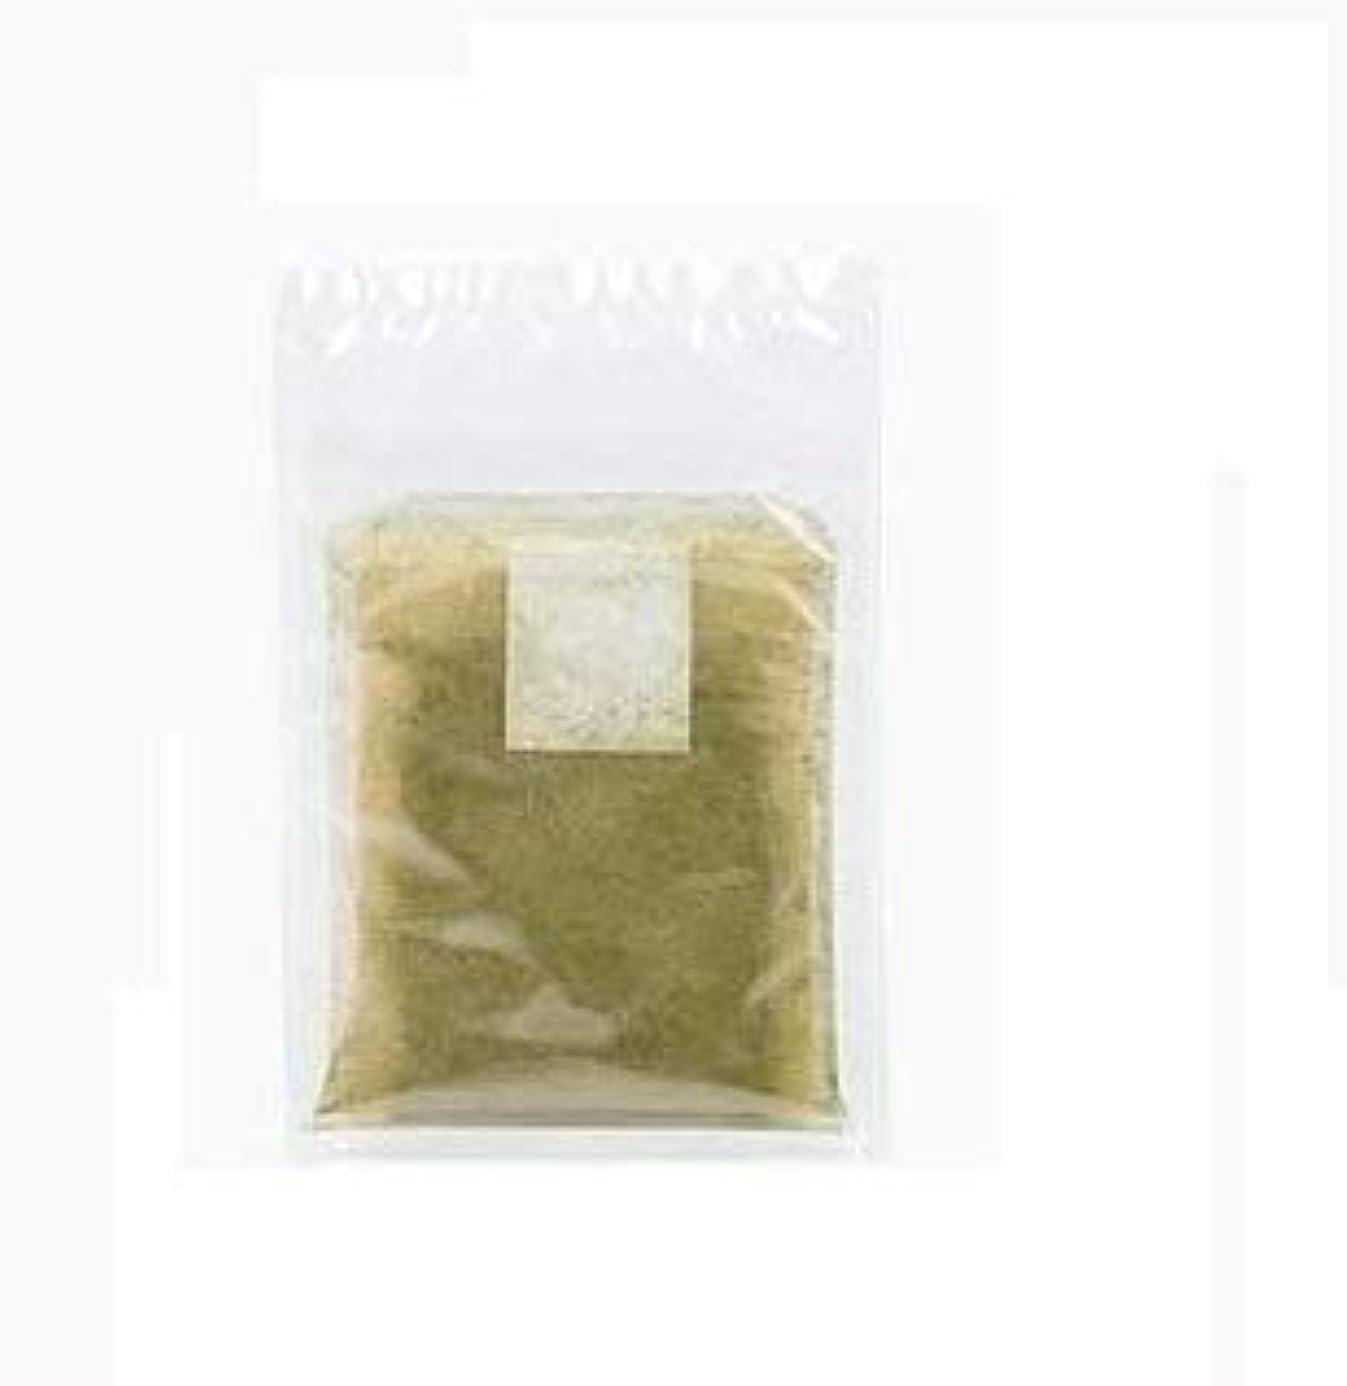 汚れたリブ柔らかいメール便 美身麗茶 びしんれいちゃ 3g×3包 アップルティー味 ダイエット 健康茶 オーガニック デトックス スリム ヘルシー 美容 スリムボディ 日本製